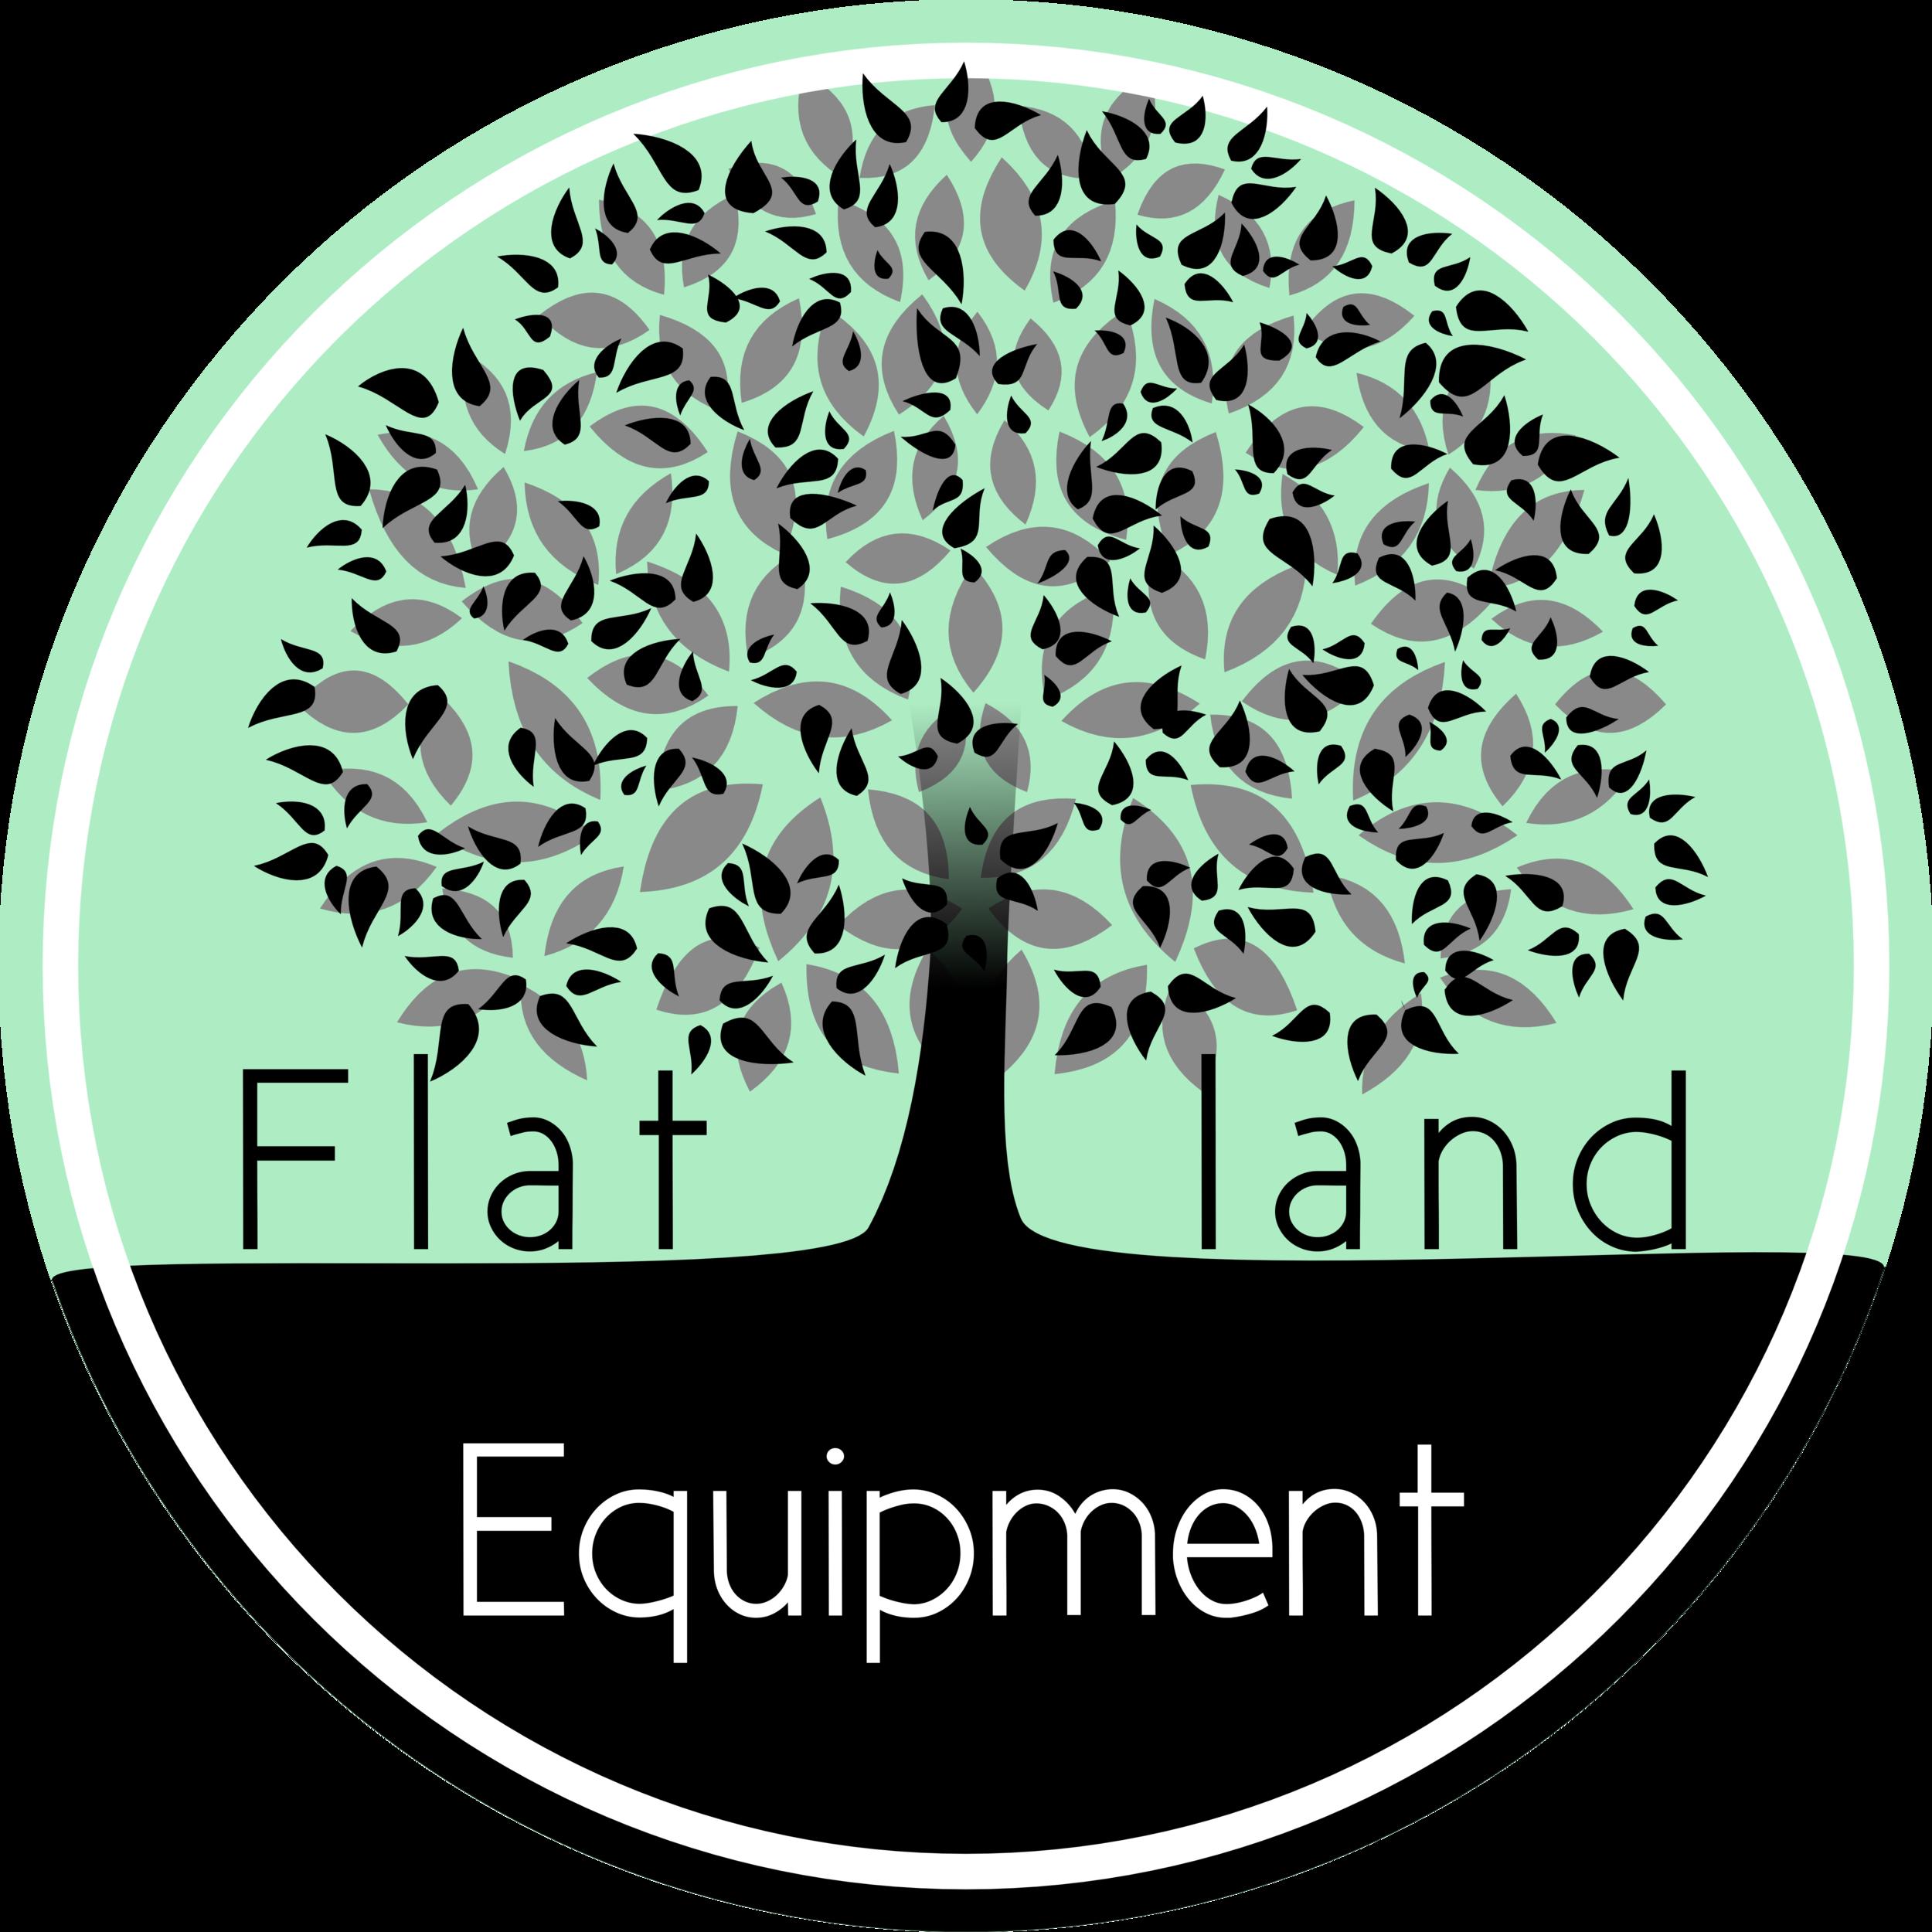 Flatland Colour 5000x5000.png